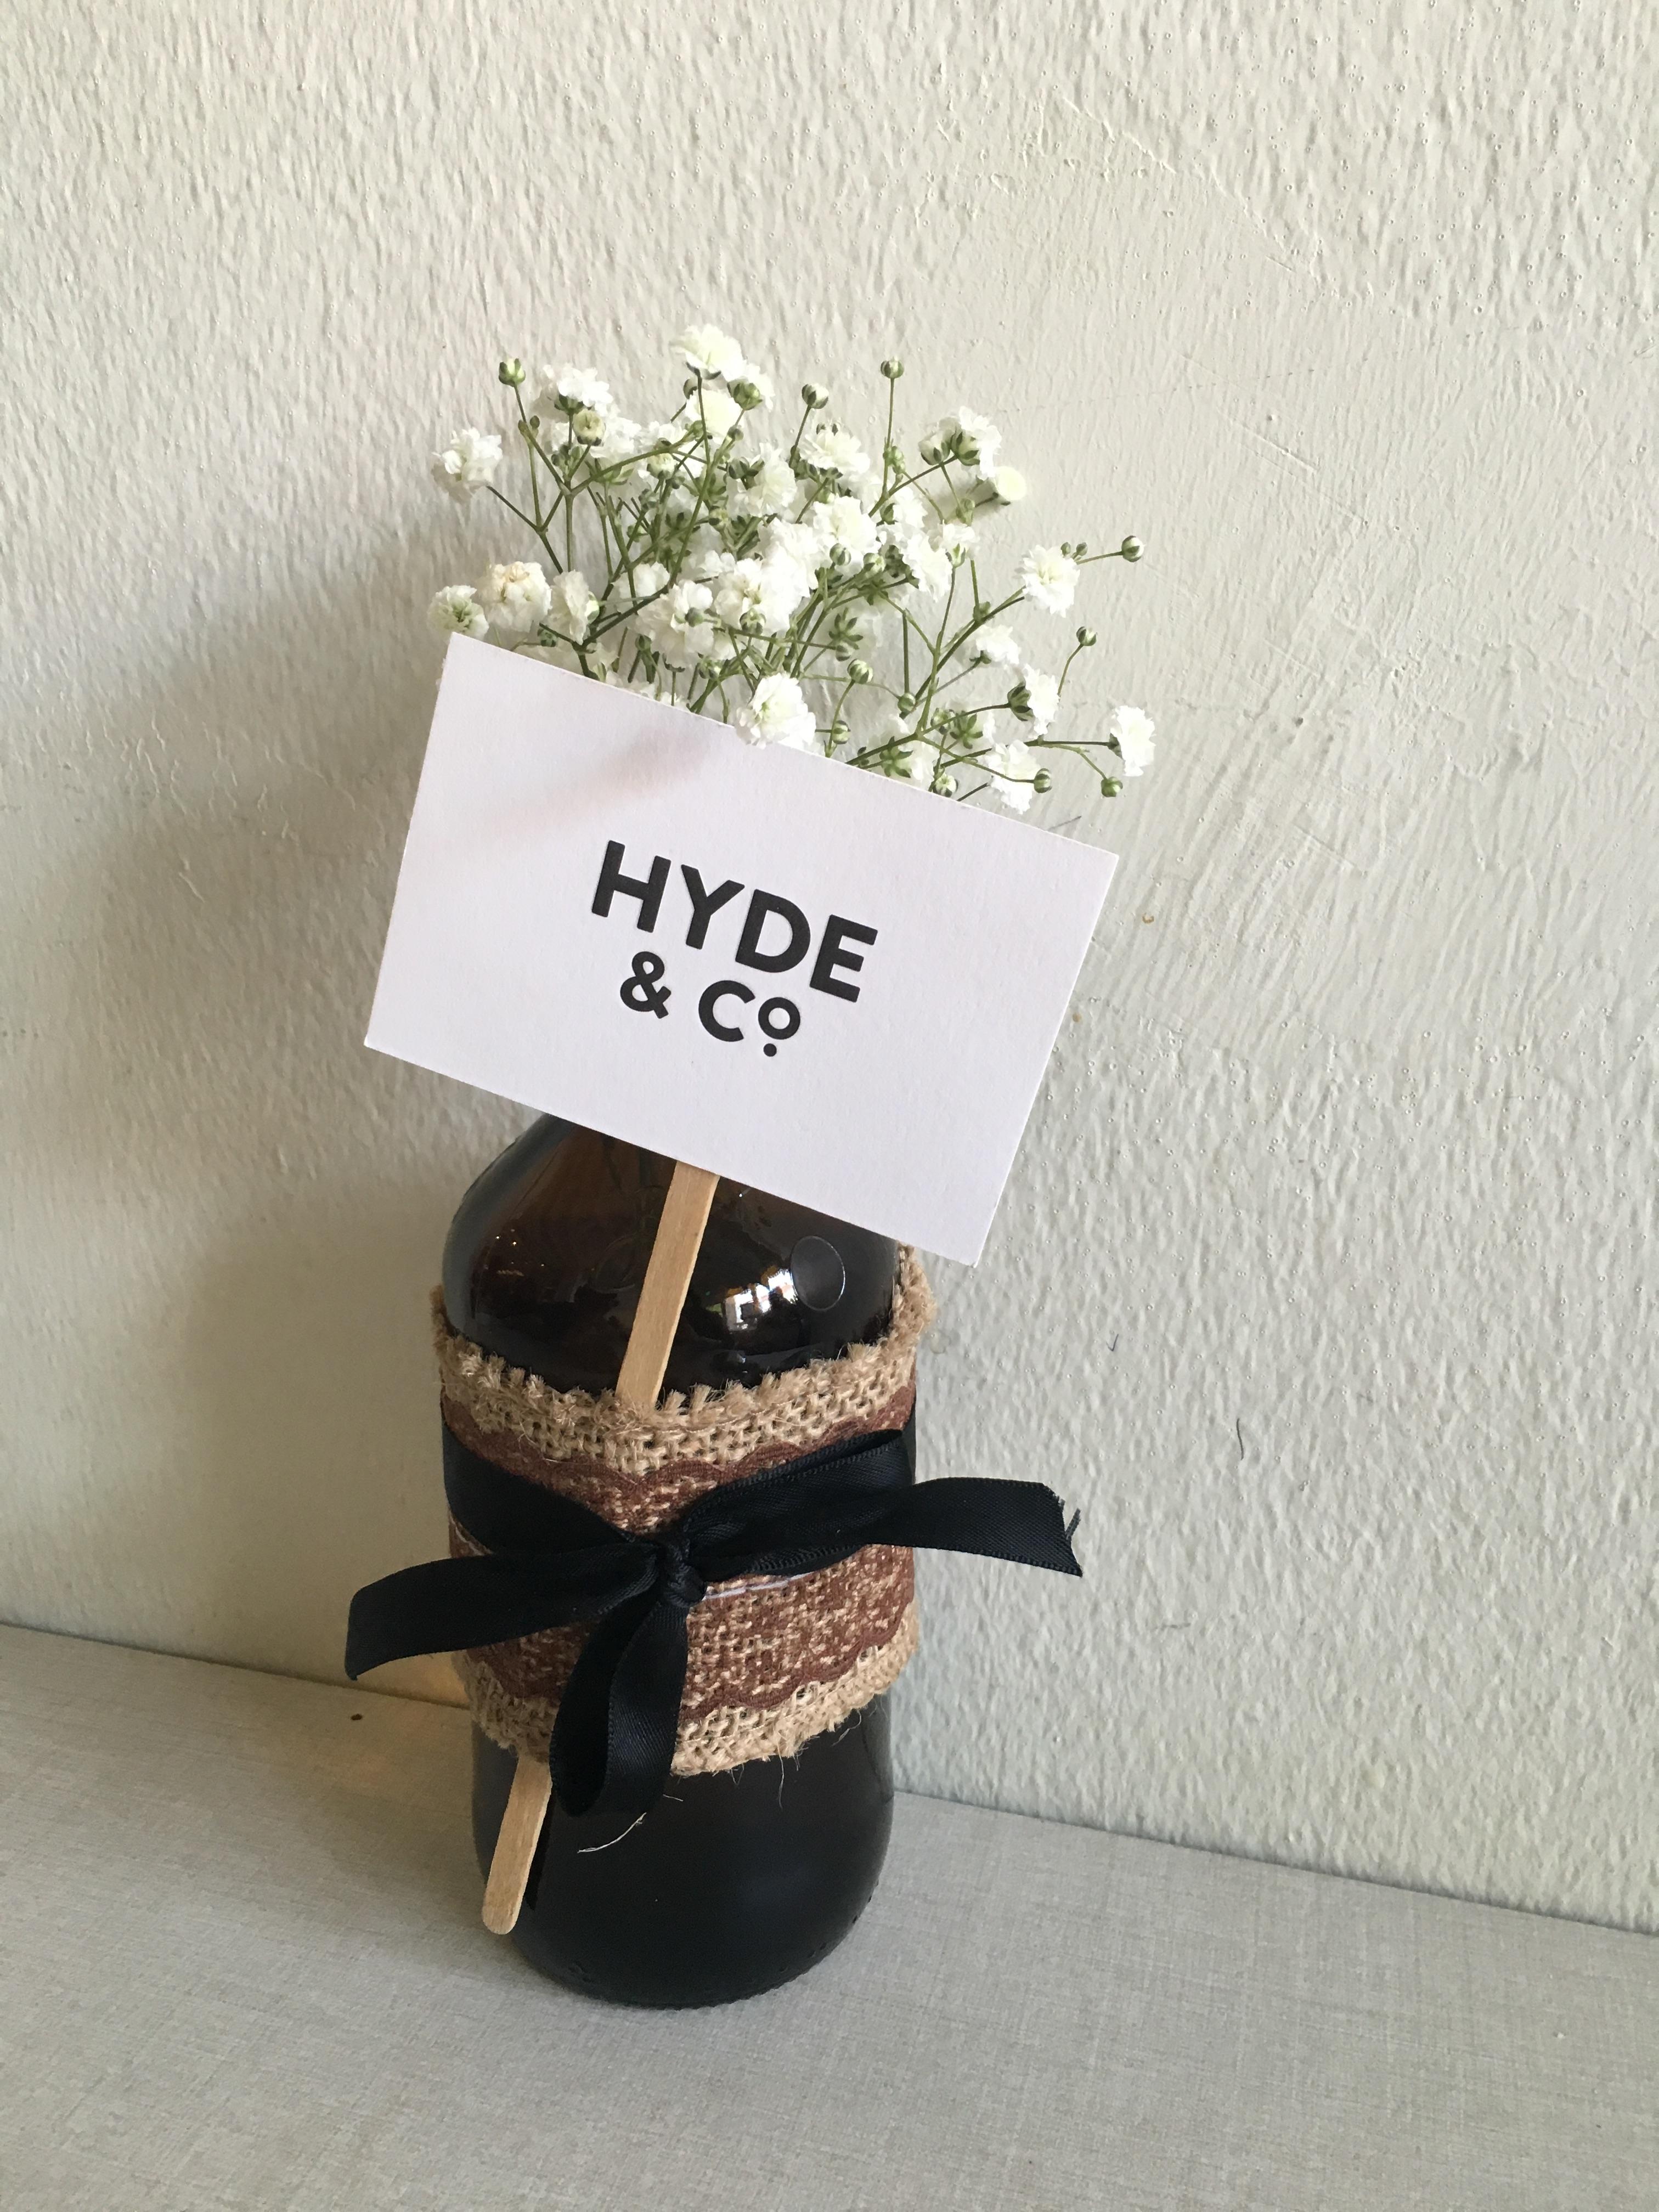 Hyde & Co - Table Decor